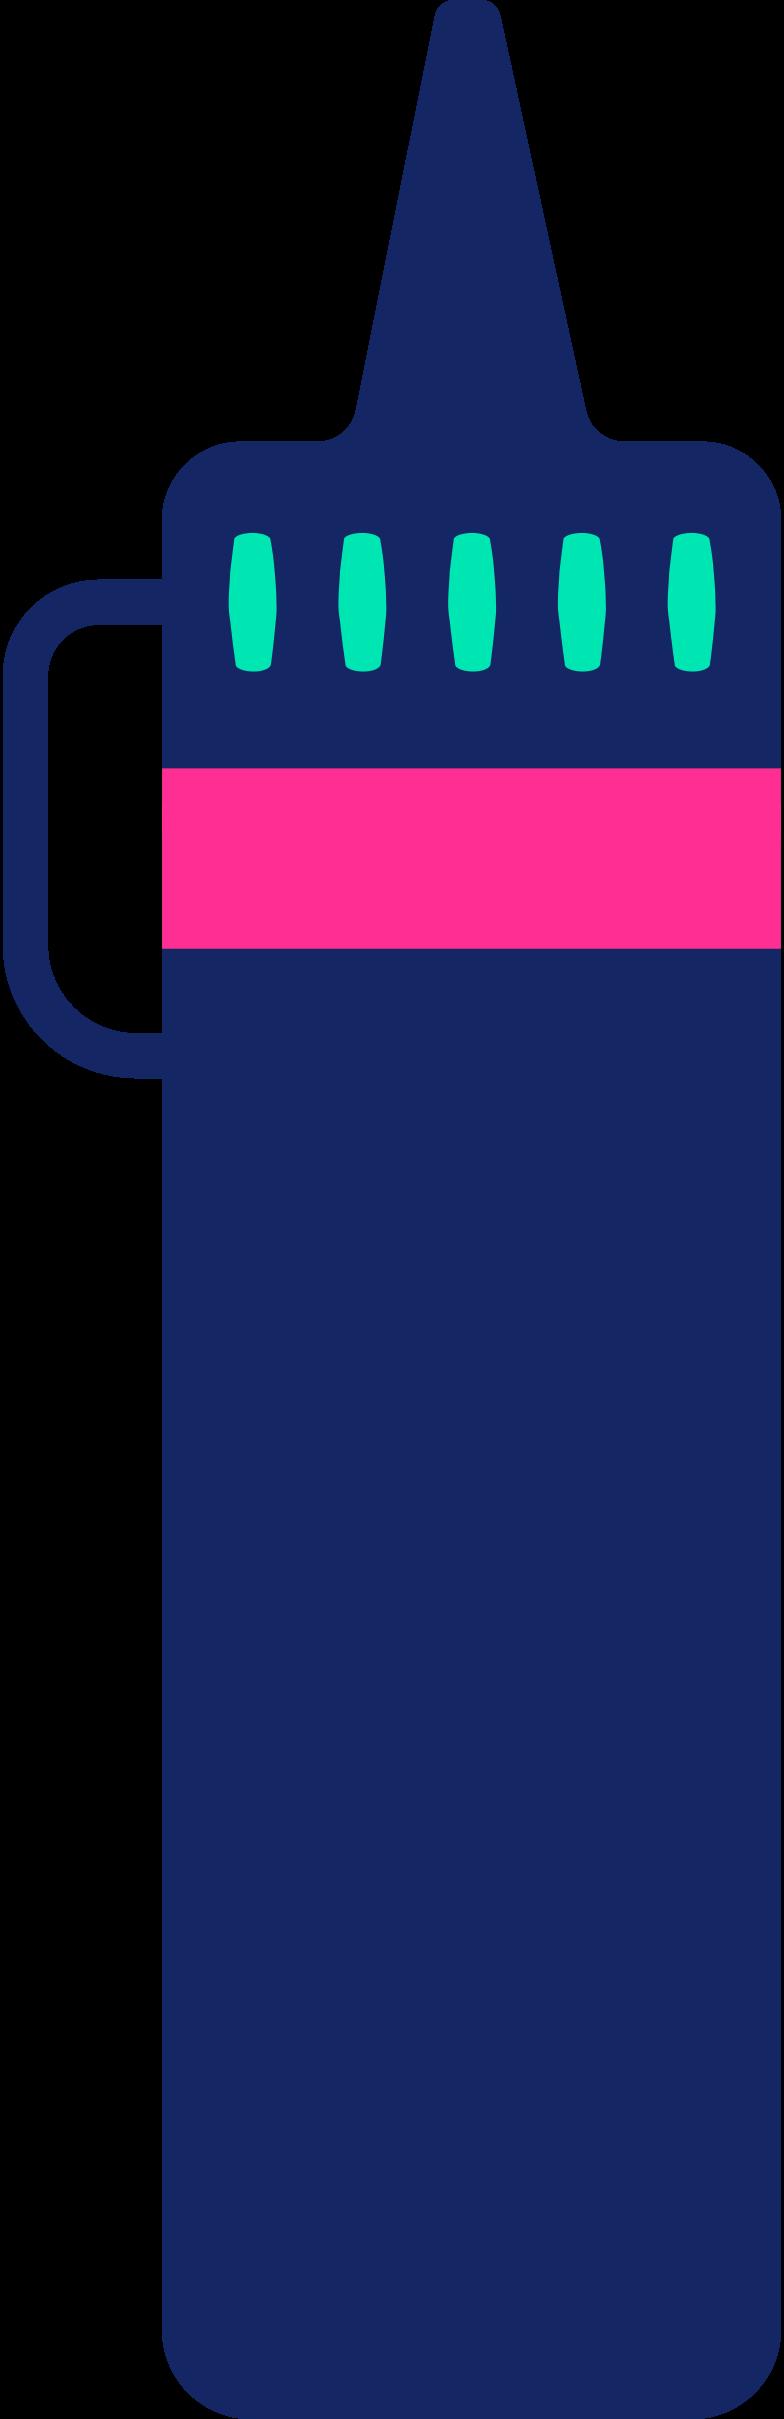 cooking syringe Clipart illustration in PNG, SVG